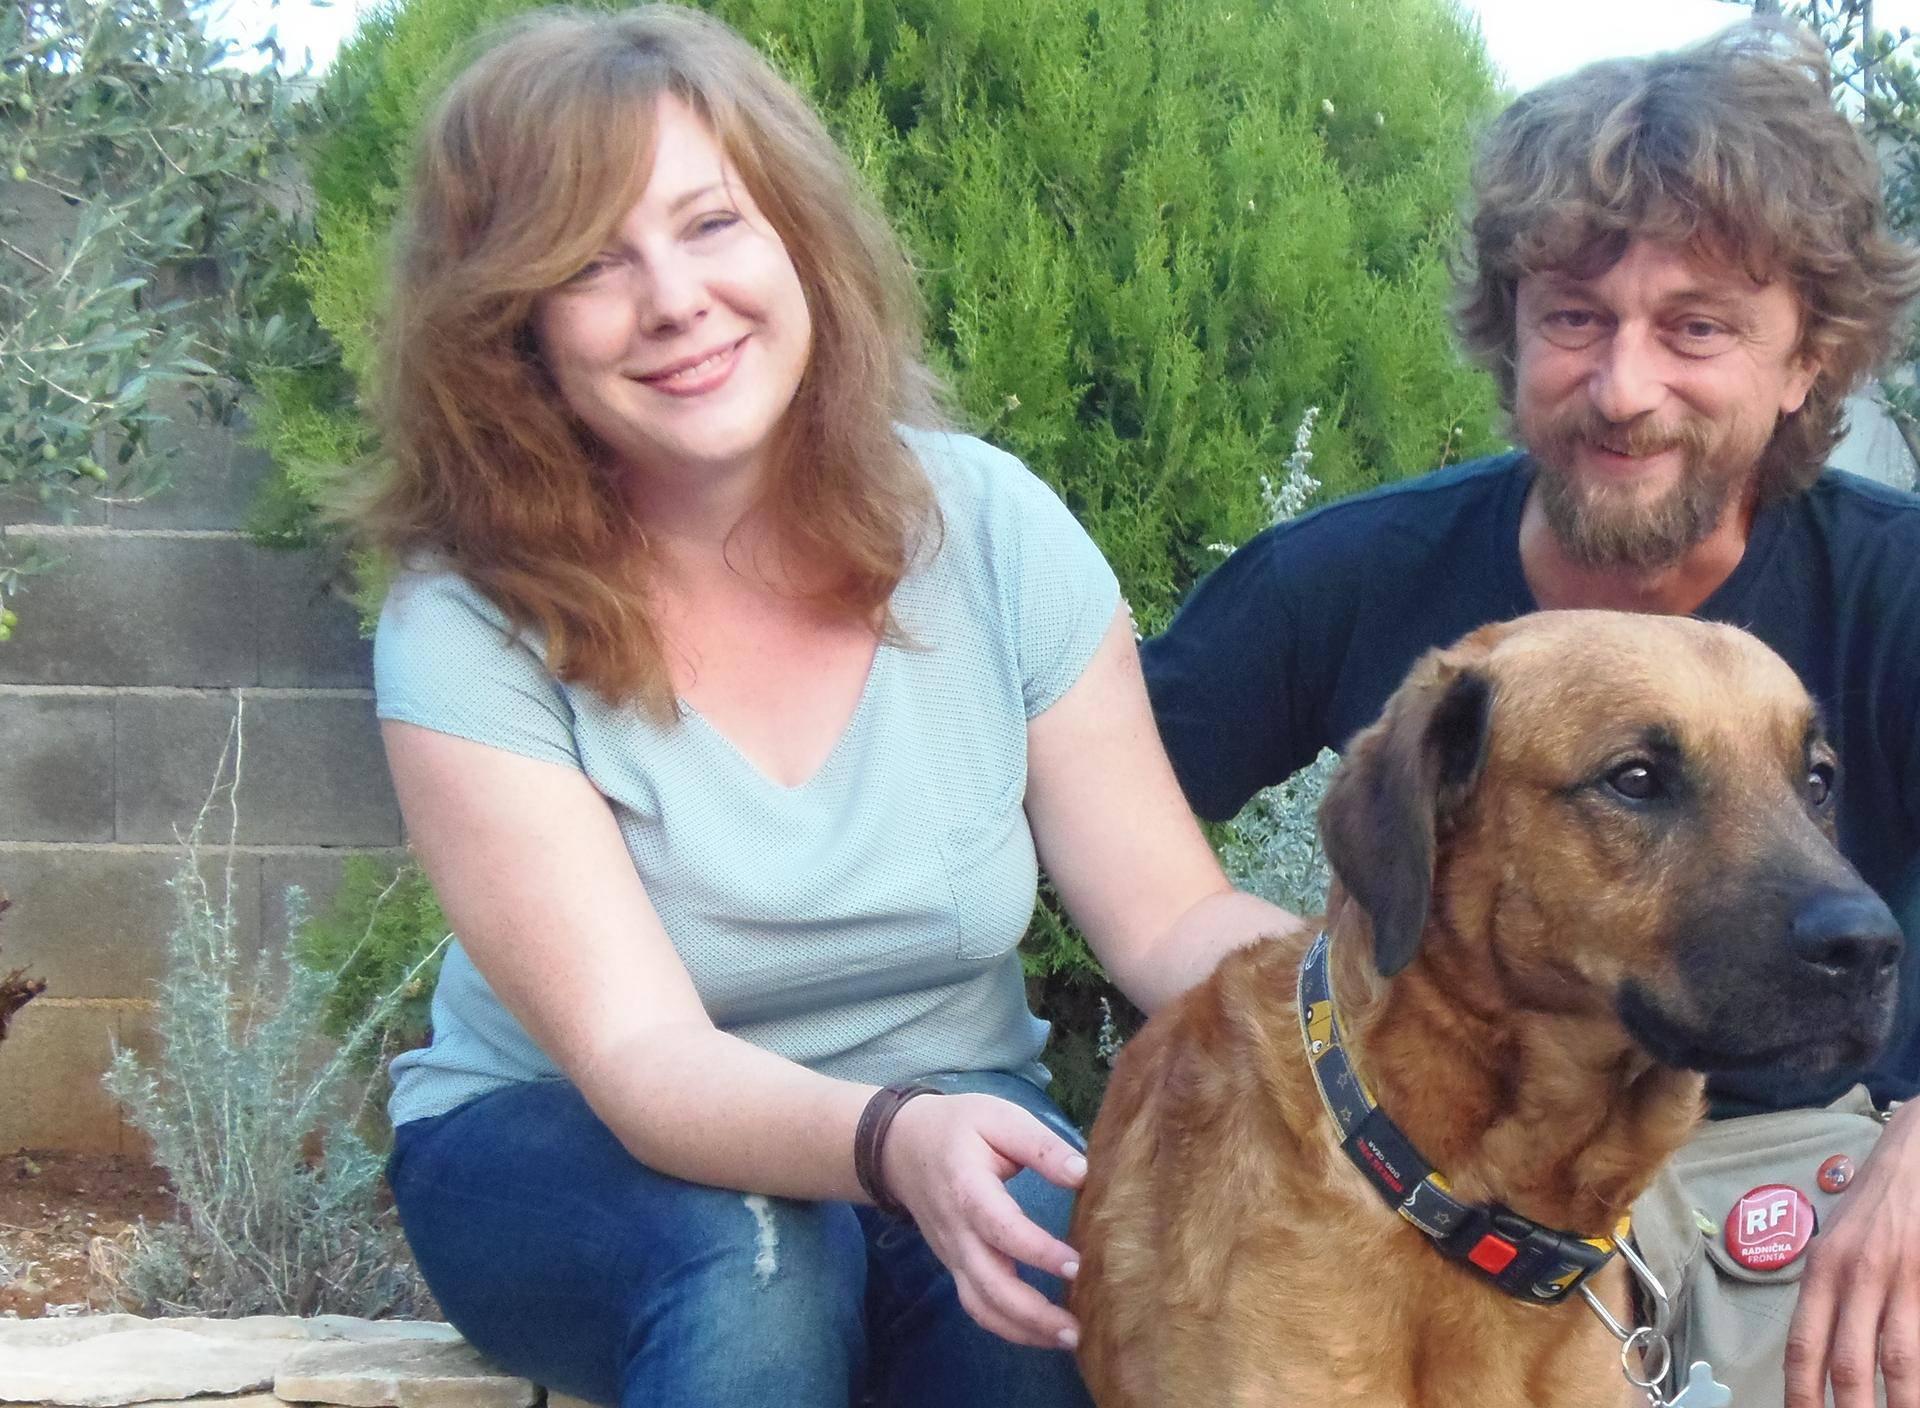 Očajnička potraga: Bennyja su oteli turisti  i odveli u Njemačku